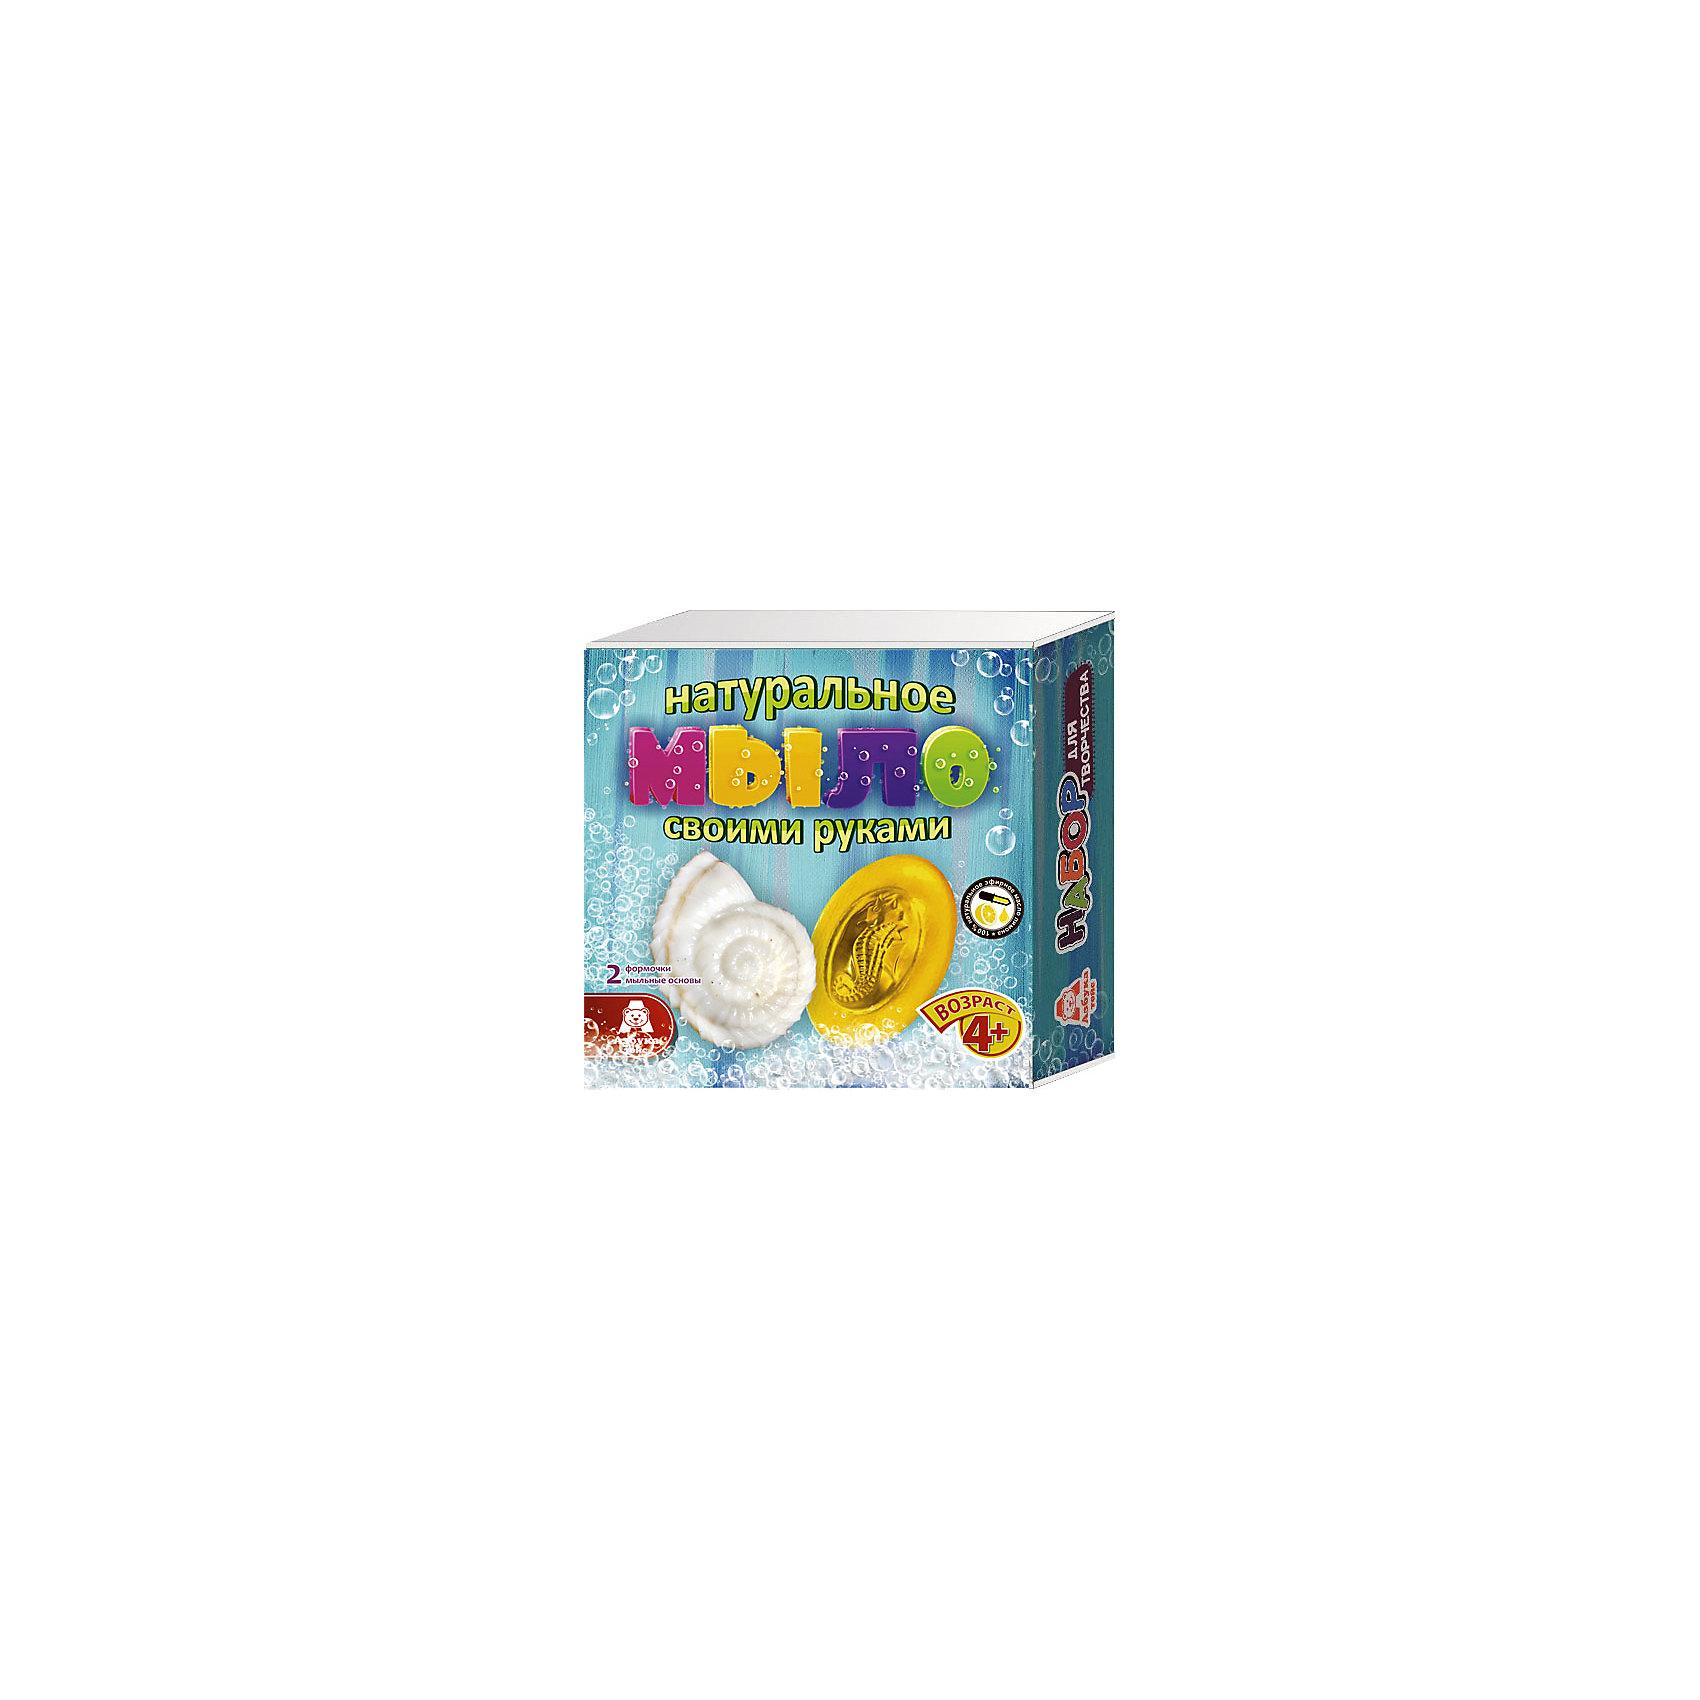 Мыло Морское царствоСоздание мыла<br>Характеристики товара:<br><br>• упаковка: коробка<br>• количество цветов: 5<br>• возраст: 4+<br>• масса: 260 г<br>• габариты: 50х140х140 мм<br>• комплектация: натуральная мыльная основа (5 видов), эфирное масло (5 видов), деревянная палочка, емкость для растапливания, формочки - 5 шт., инструкция<br>• страна бренда: РФ<br>• страна изготовитель: РФ<br><br>Мыловарение – интересный и необычный способ занять малыша. Ошибочно полагать, что создавать мыло – творчество только для девочек. В новом наборе формочки позволяют варить мыло в форме различных предметов. На выходе у ребенка получится настоящее мыло, готовое к использованию. Благодаря эфирным маслам оно будет приятно пахнуть. В наборе есть все необходимое для создания продукта.<br>Набор станет отличным подарком ребенку, так как он сможет сам сделать полезную вещь для себя или в качестве подарка близким! Материалы, использованные при изготовлении товара, сертифицированы и отвечают всем международным требованиям по качеству. <br><br>Набор Мыло Морское царство от бренда Азбука Тойс можно приобрести в нашем интернет-магазине.<br><br>Ширина мм: 140<br>Глубина мм: 50<br>Высота мм: 140<br>Вес г: 260<br>Возраст от месяцев: 48<br>Возраст до месяцев: 96<br>Пол: Унисекс<br>Возраст: Детский<br>SKU: 5062857